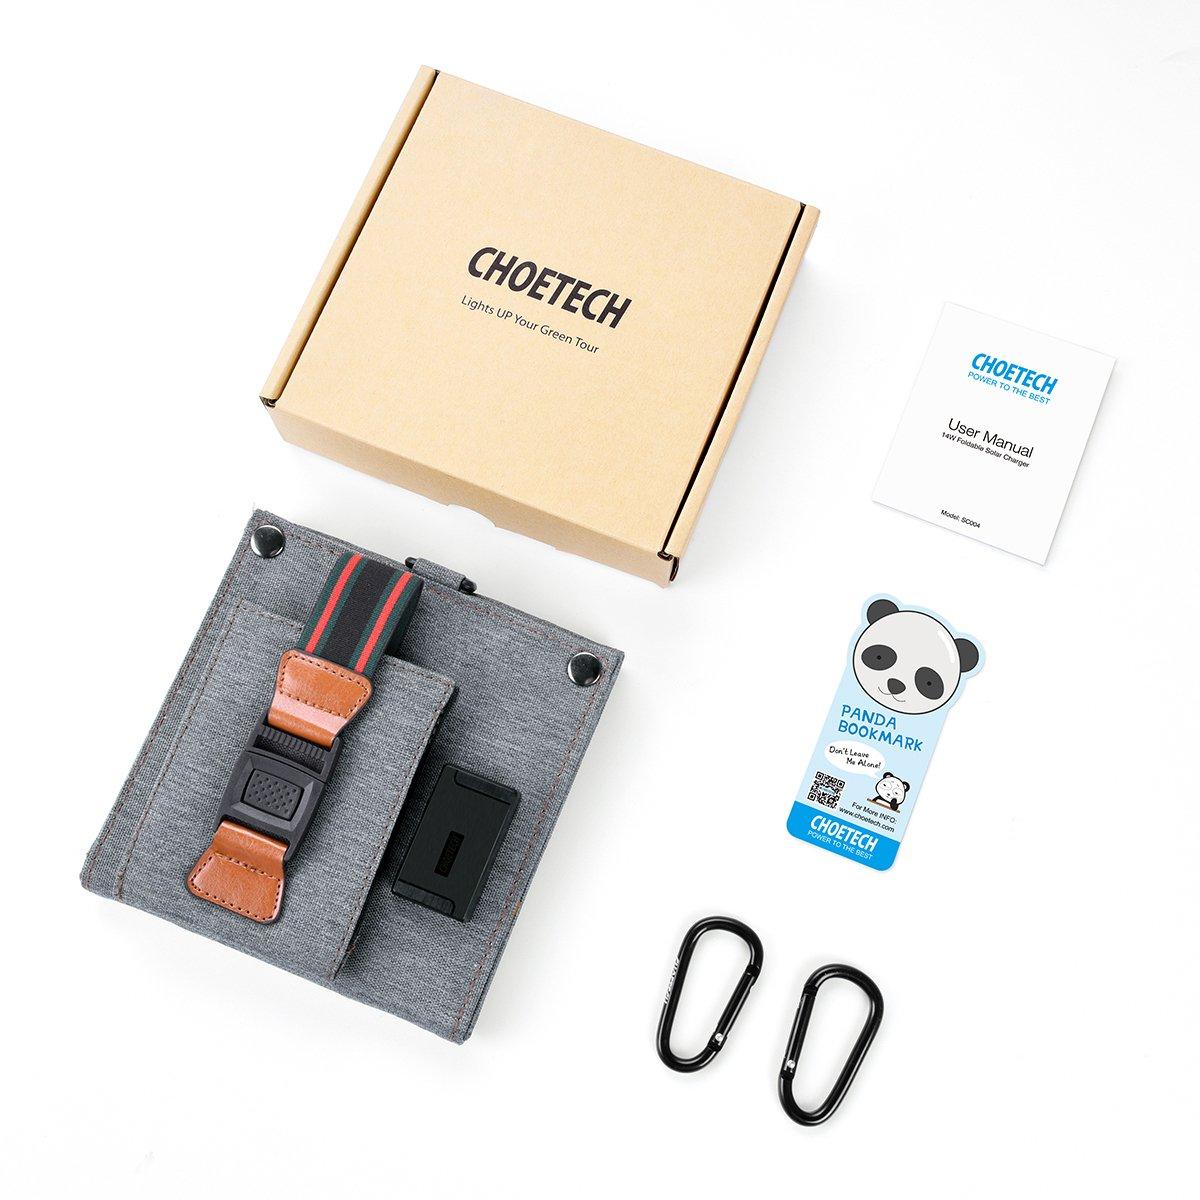 2018-USBソーラー CHOETECH ソーラーチャージャー 1